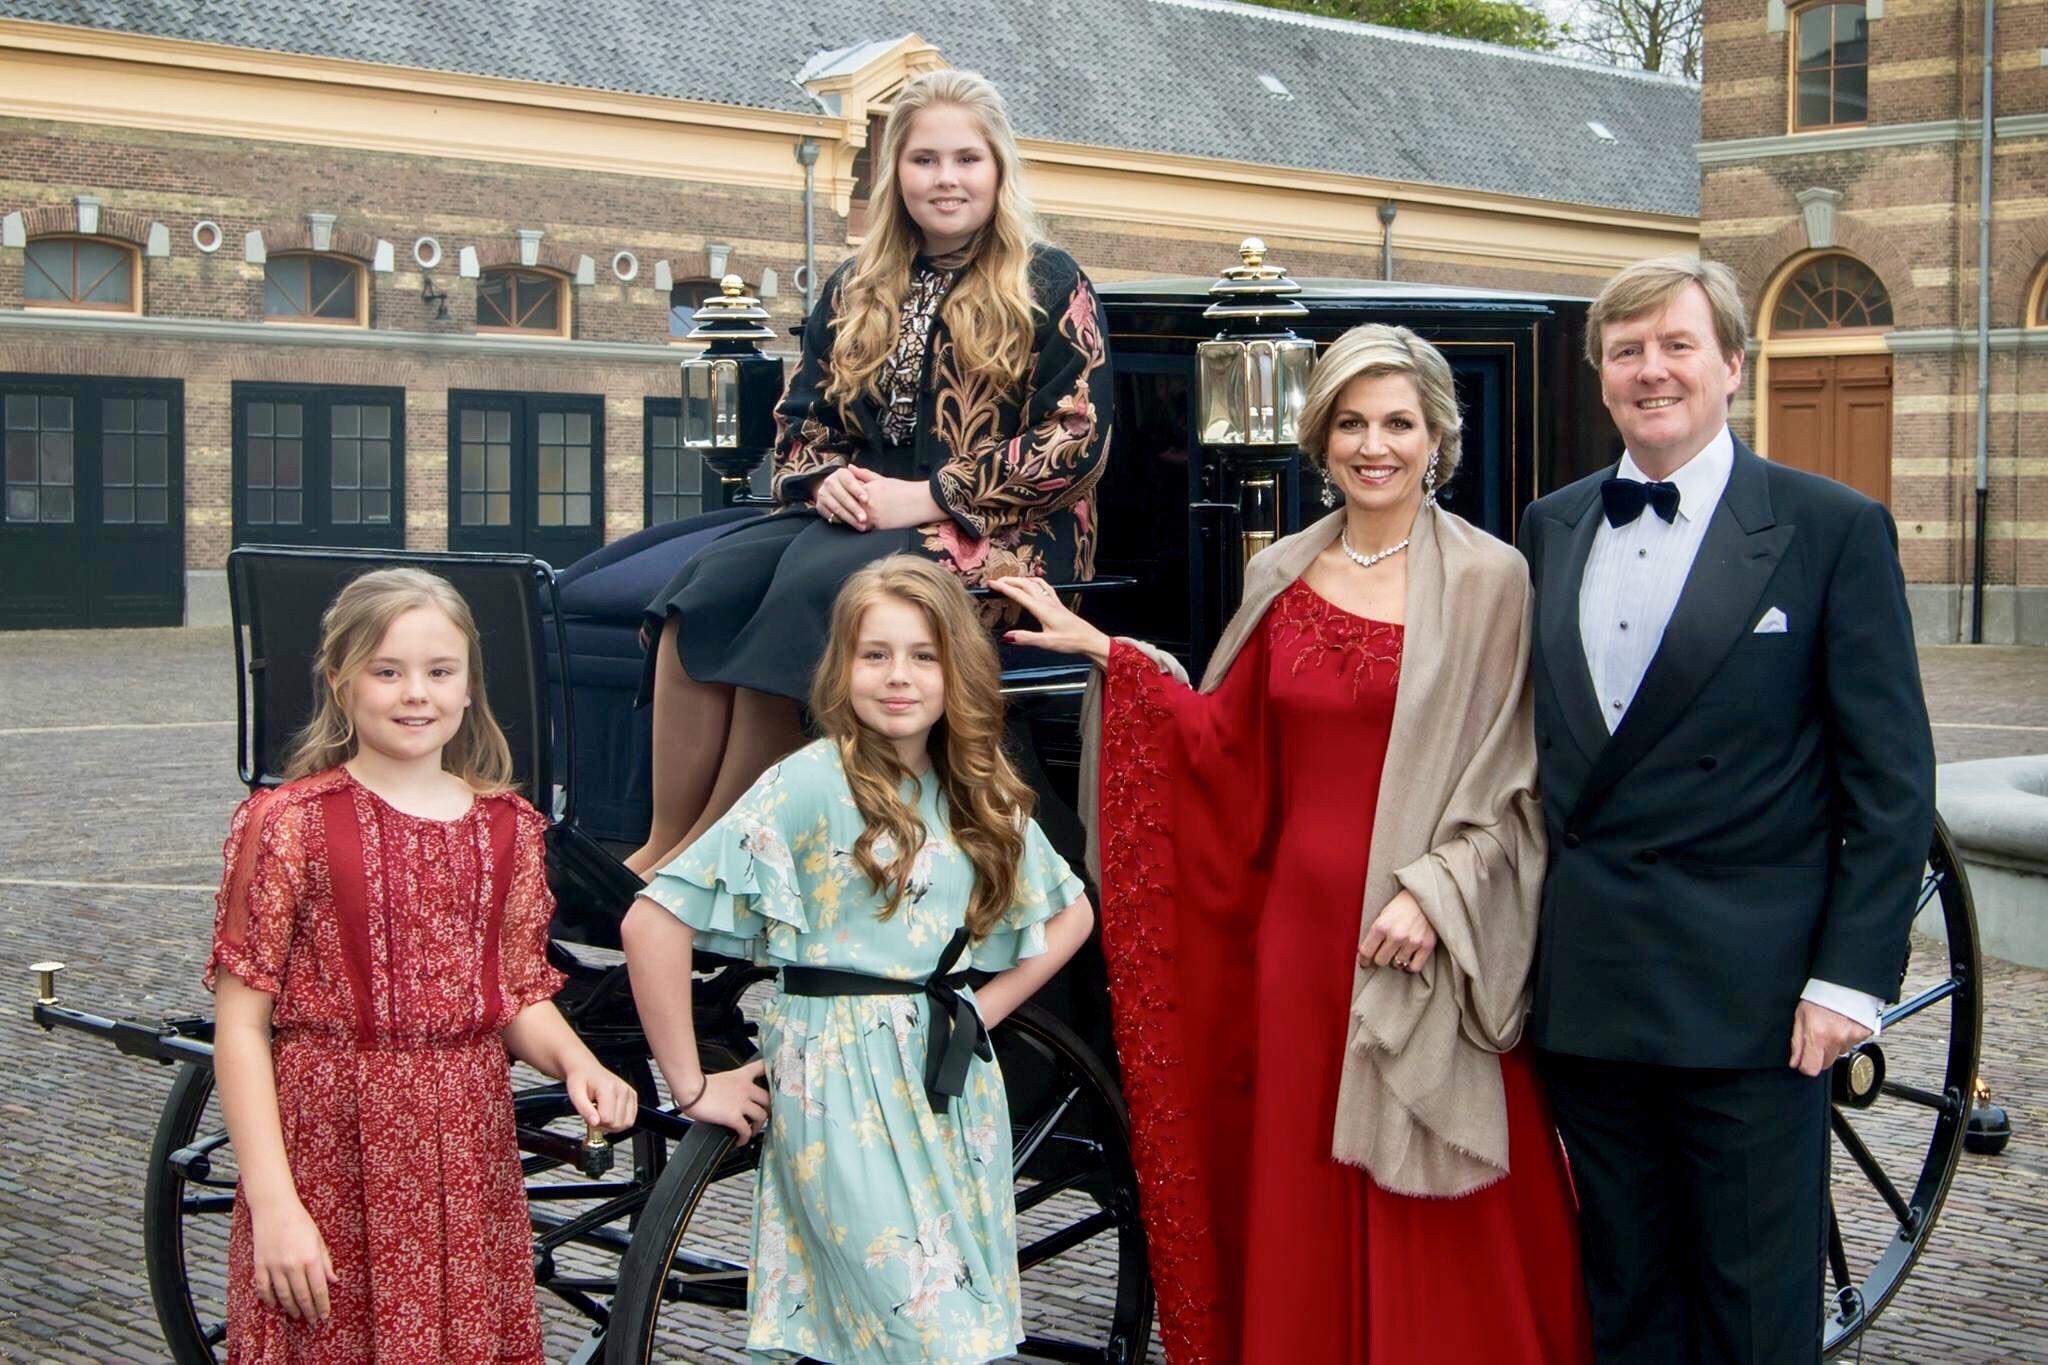 noel 2018 famille royale anglaise Photo de Noël de la famille royale des Pays Bas   Noblesse & Royautés noel 2018 famille royale anglaise